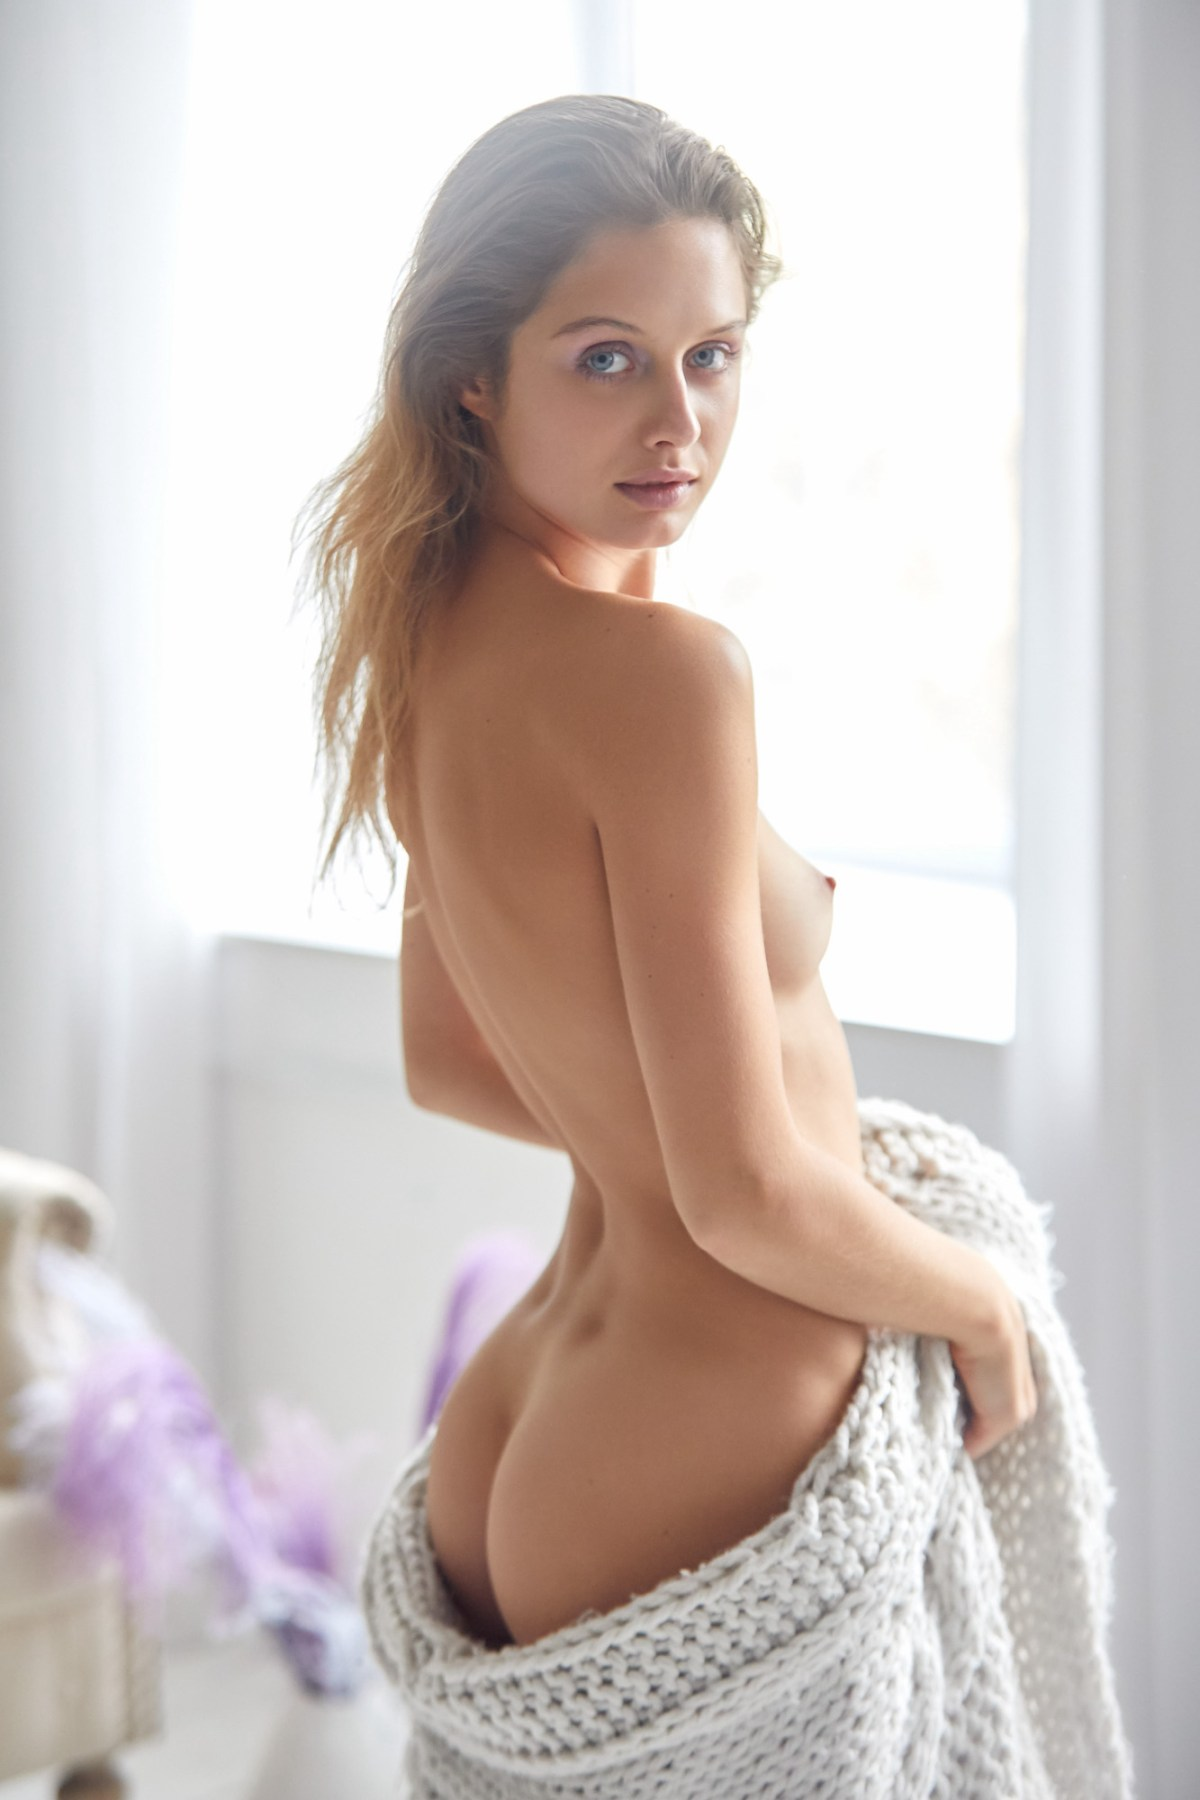 Amelie Lou by Chris Hunt for Superbe Models